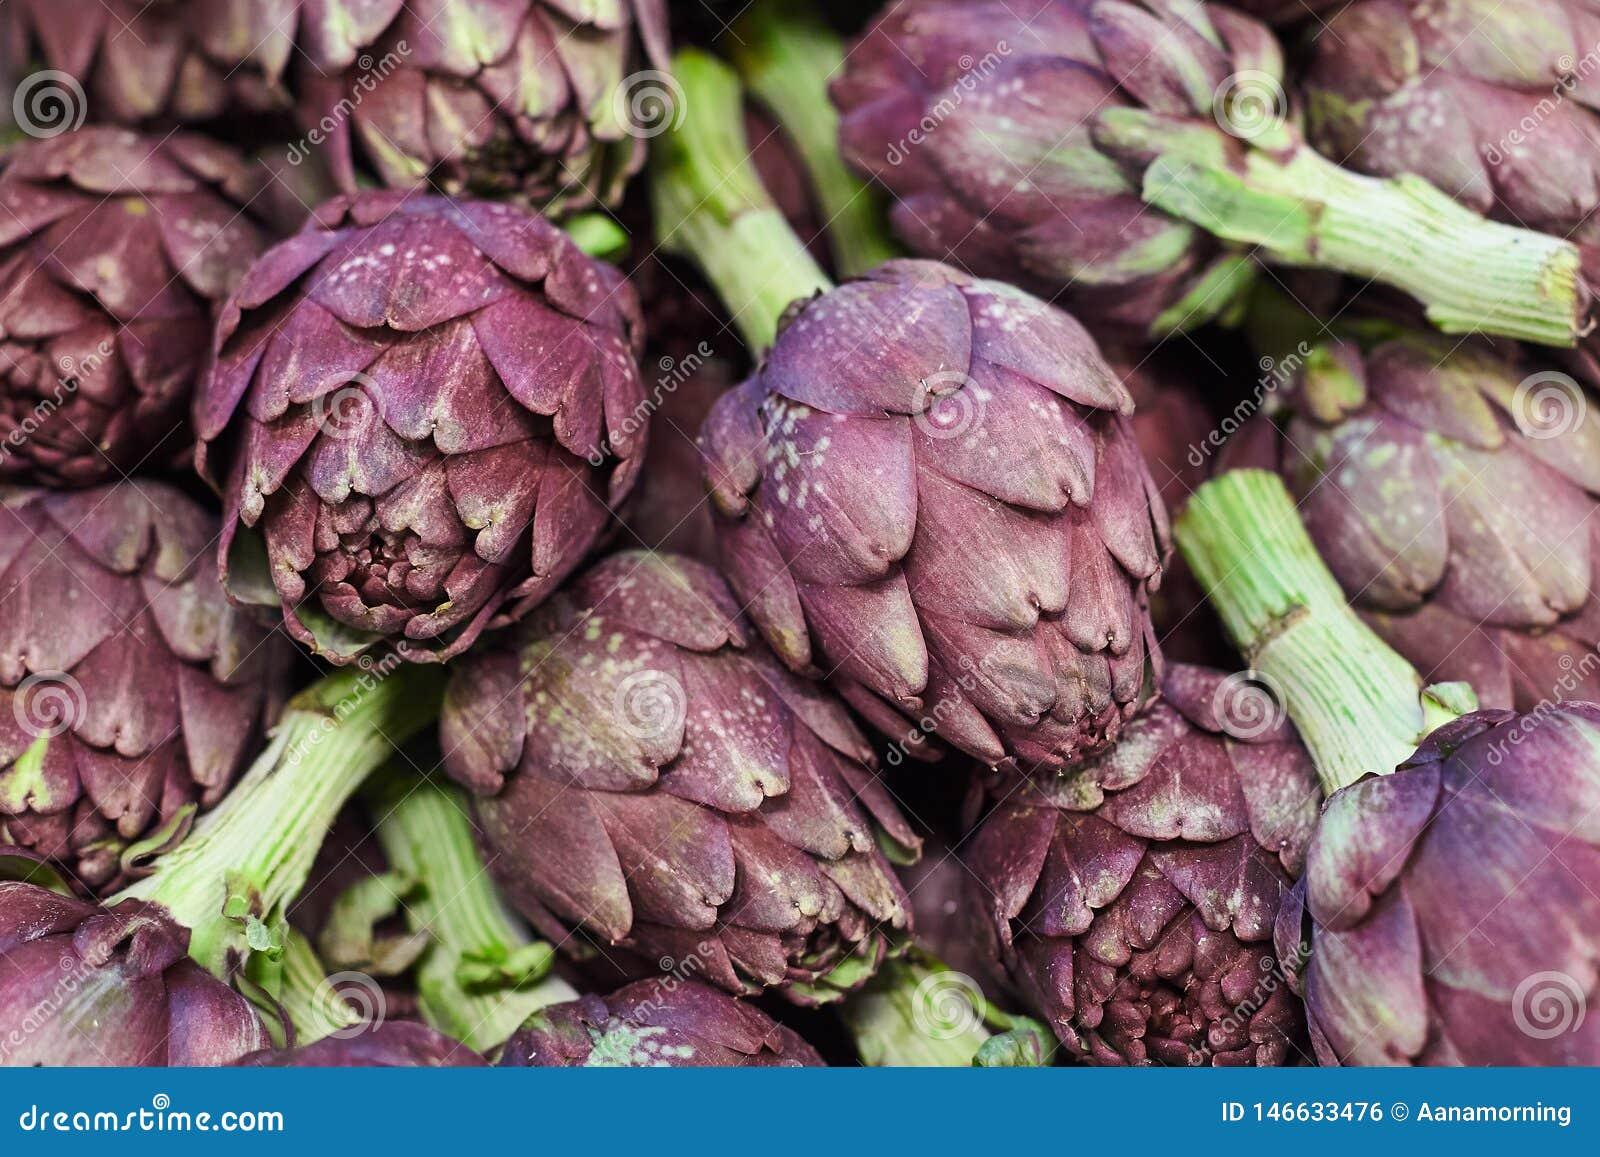 Alcachofras roxas frescas no mercado vegetal